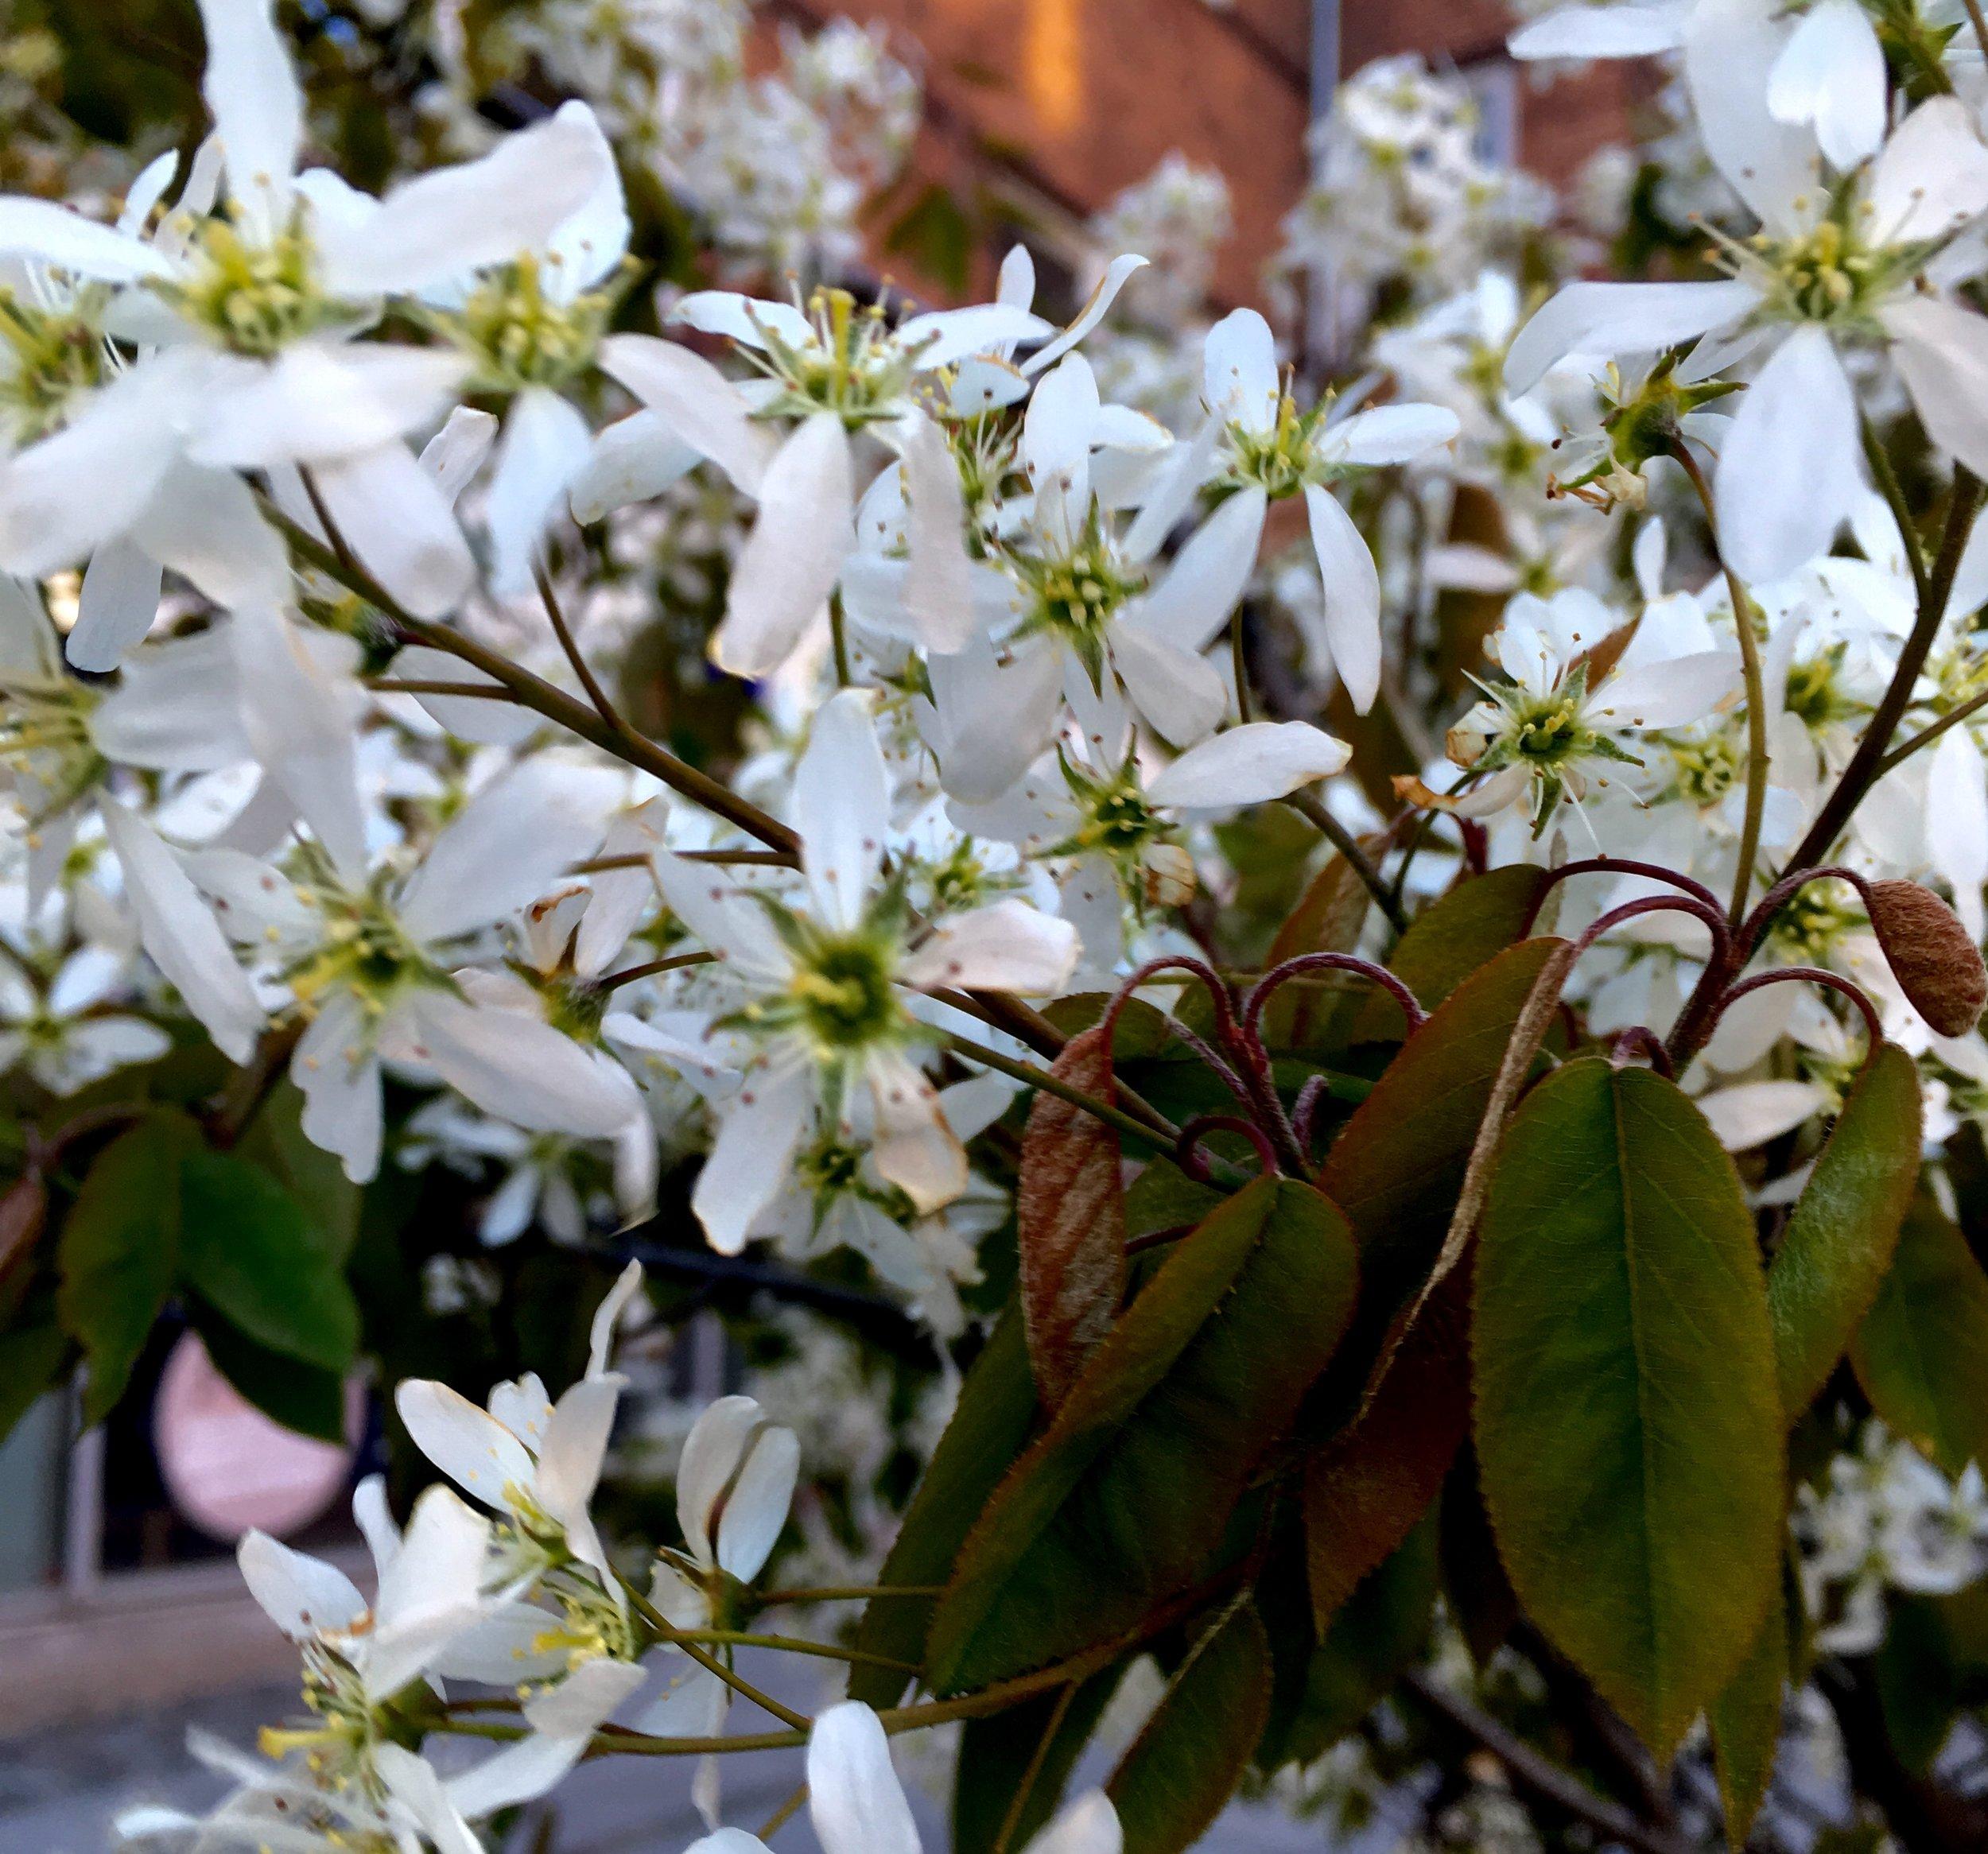 Det her billede gør ikke helt træet ret, synes jeg, men du kan fornemme de bronzefarvede blade, og at det bugner med blomster.